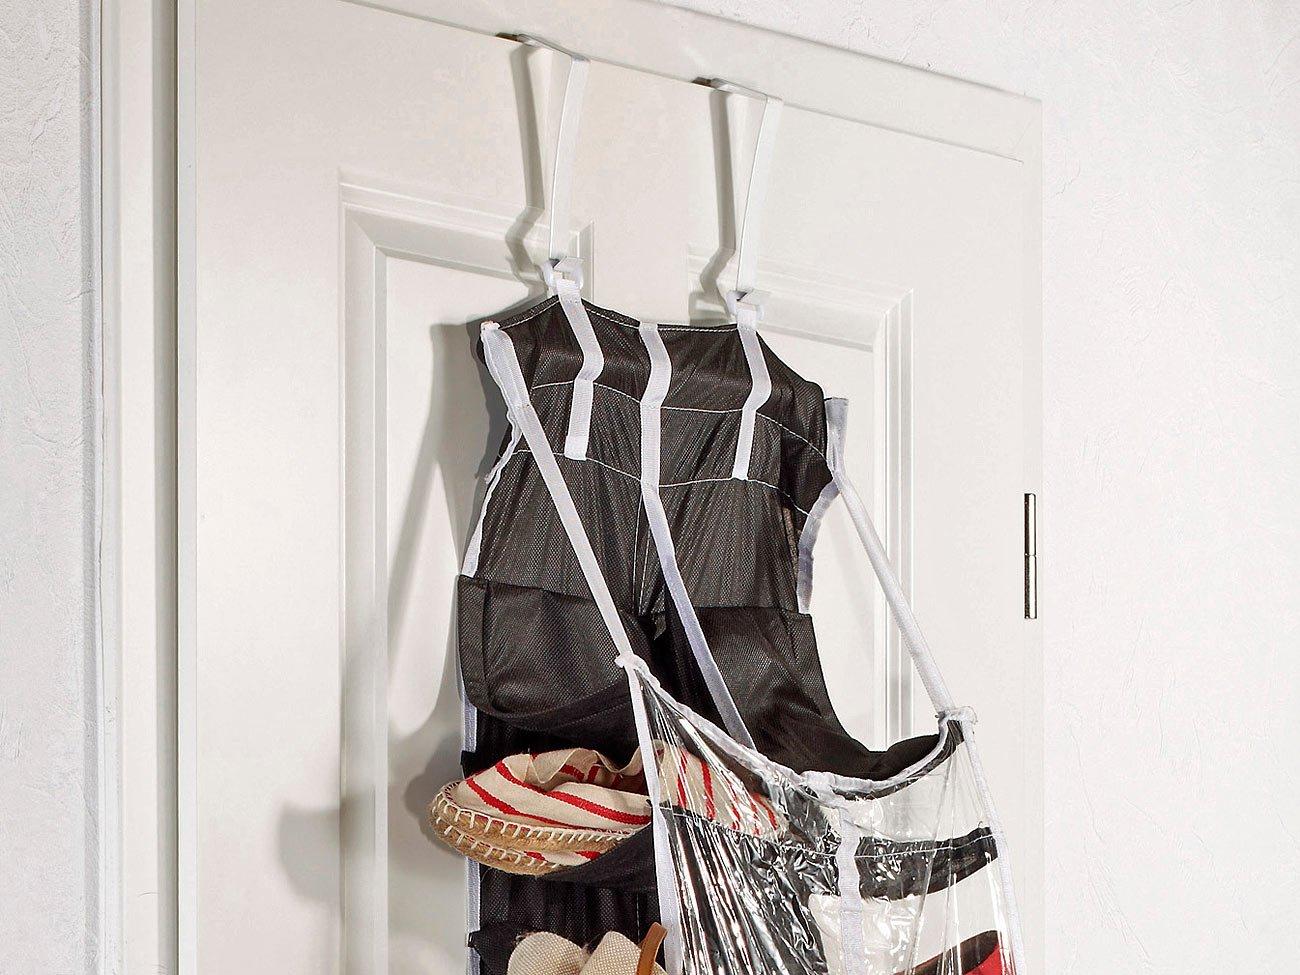 Schuhregal zum Aufh/ängen f/ür Kleidung infactory Schuhregal: H/ängendes Regal mit 30 F/ächern W/äsche und Schuhe